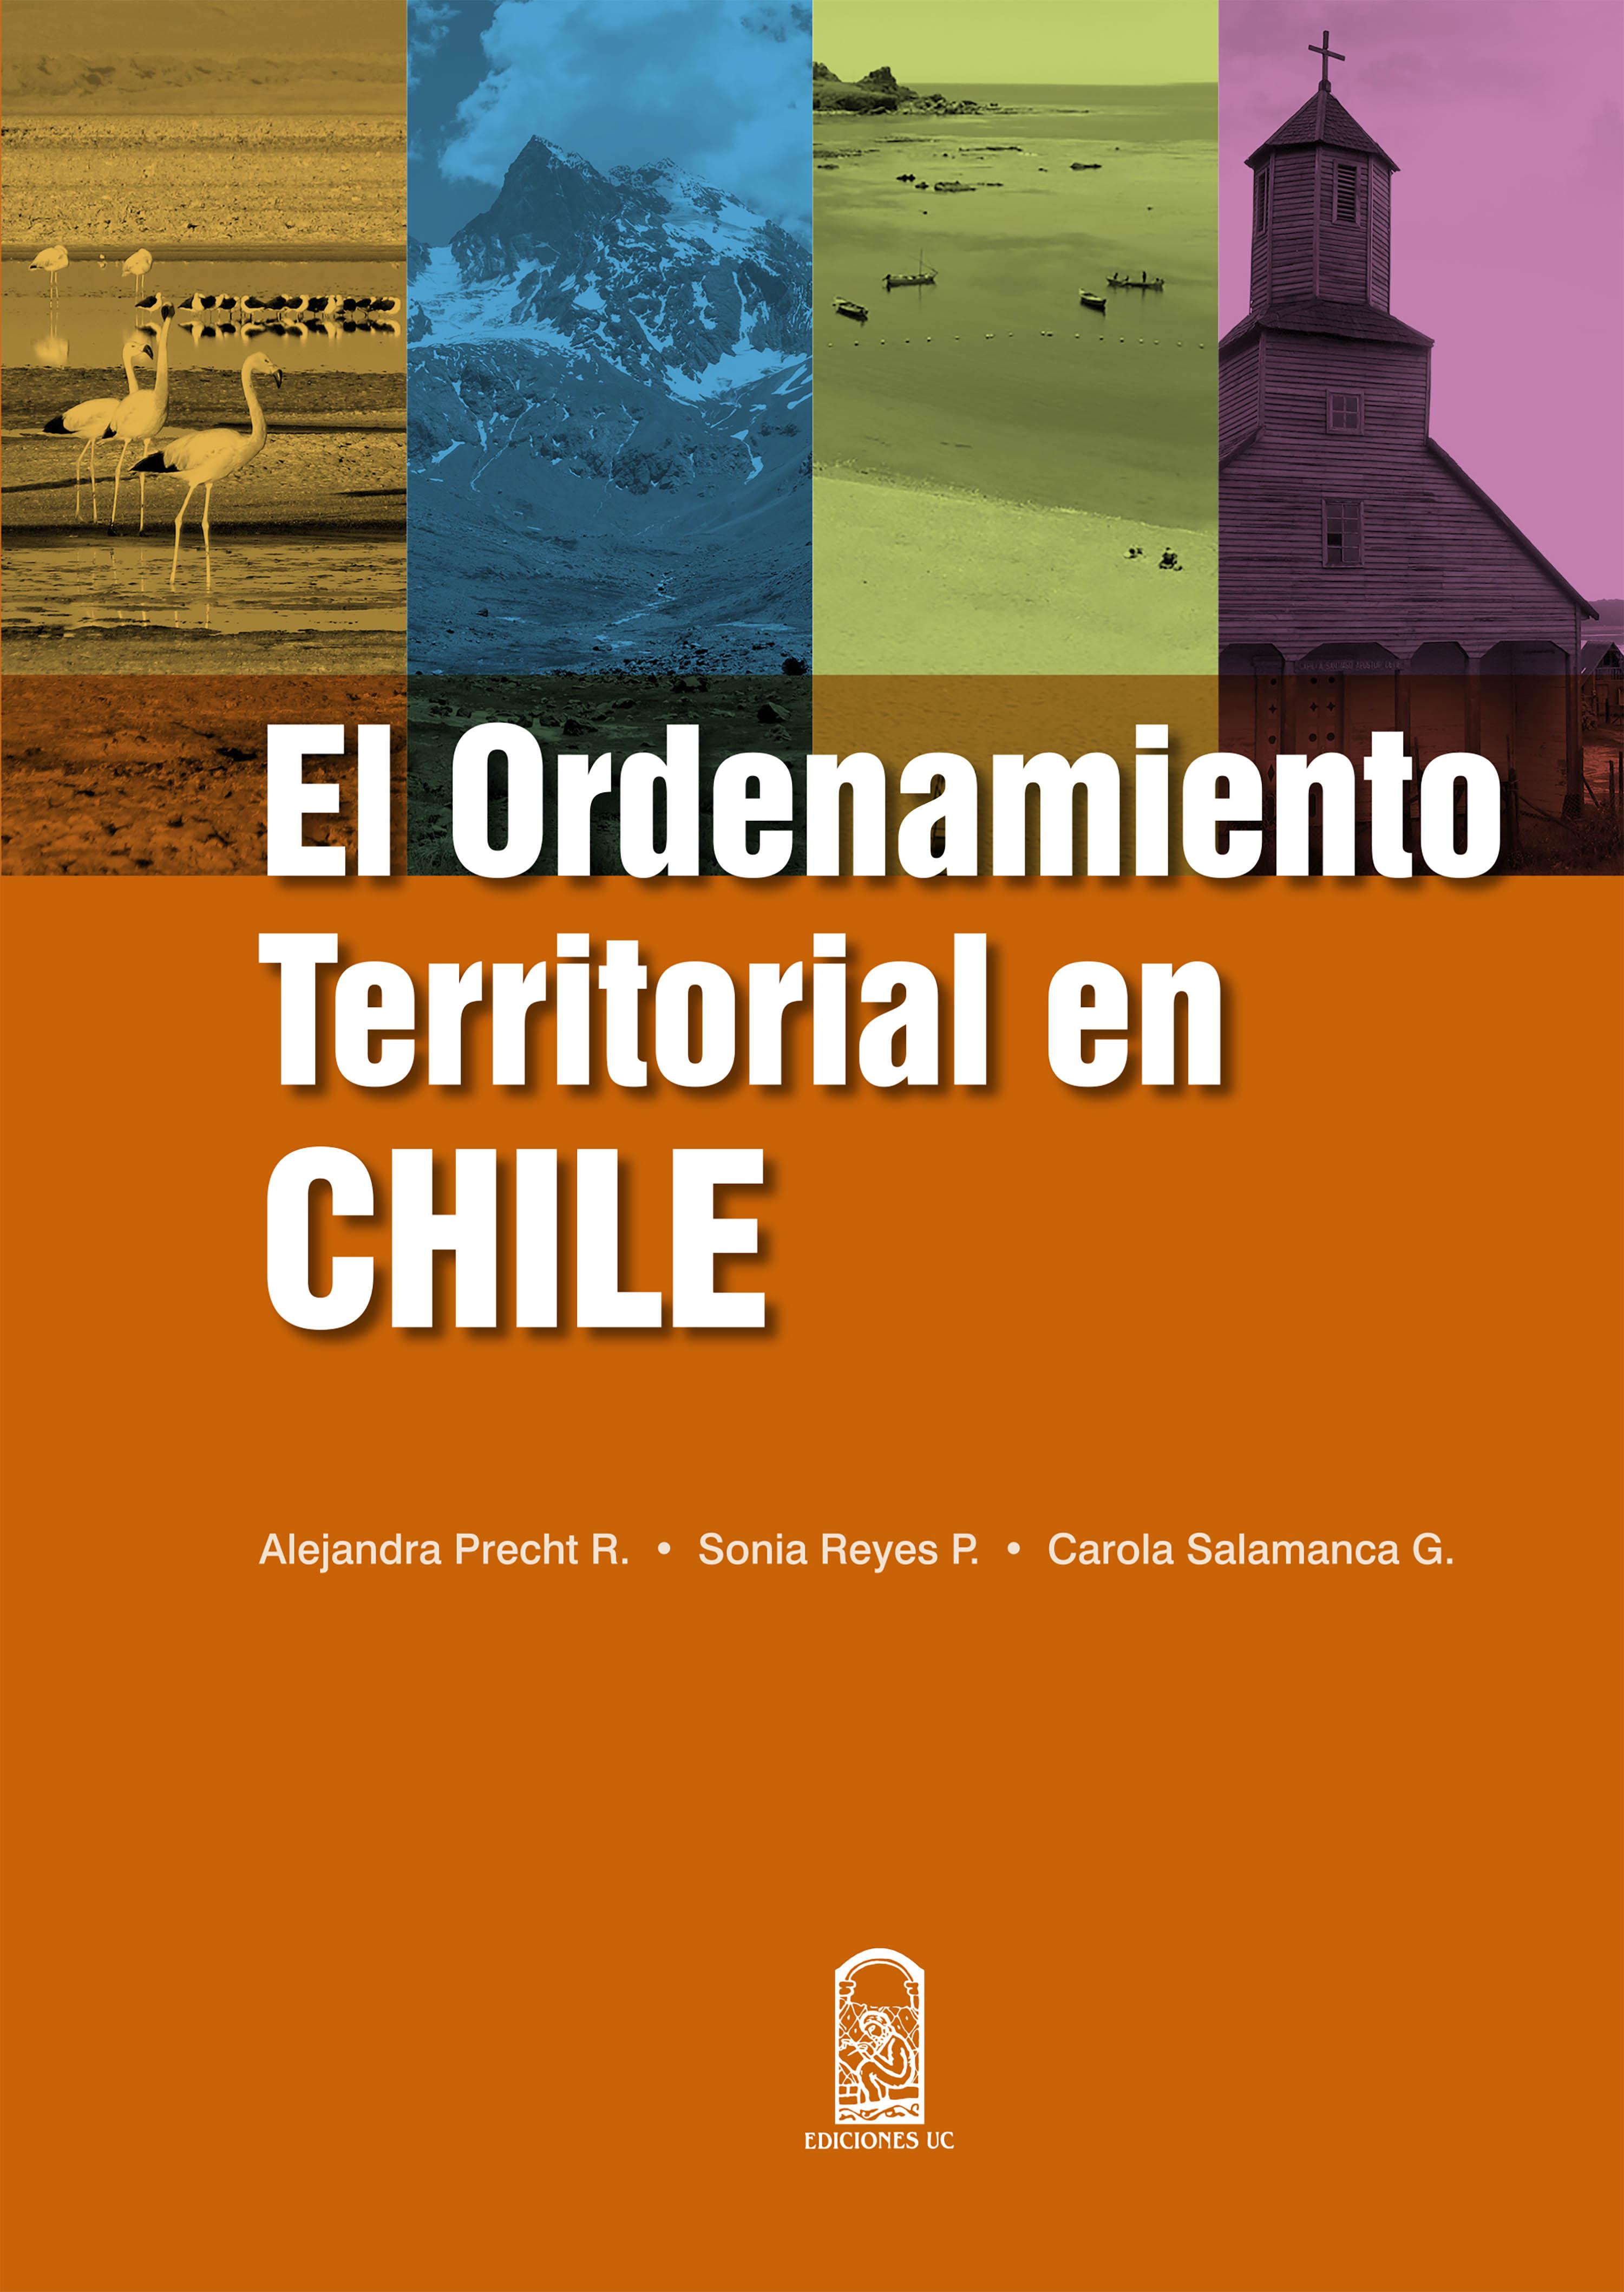 Alejandra Precht Rorris El ordenamiento territorial en Chile